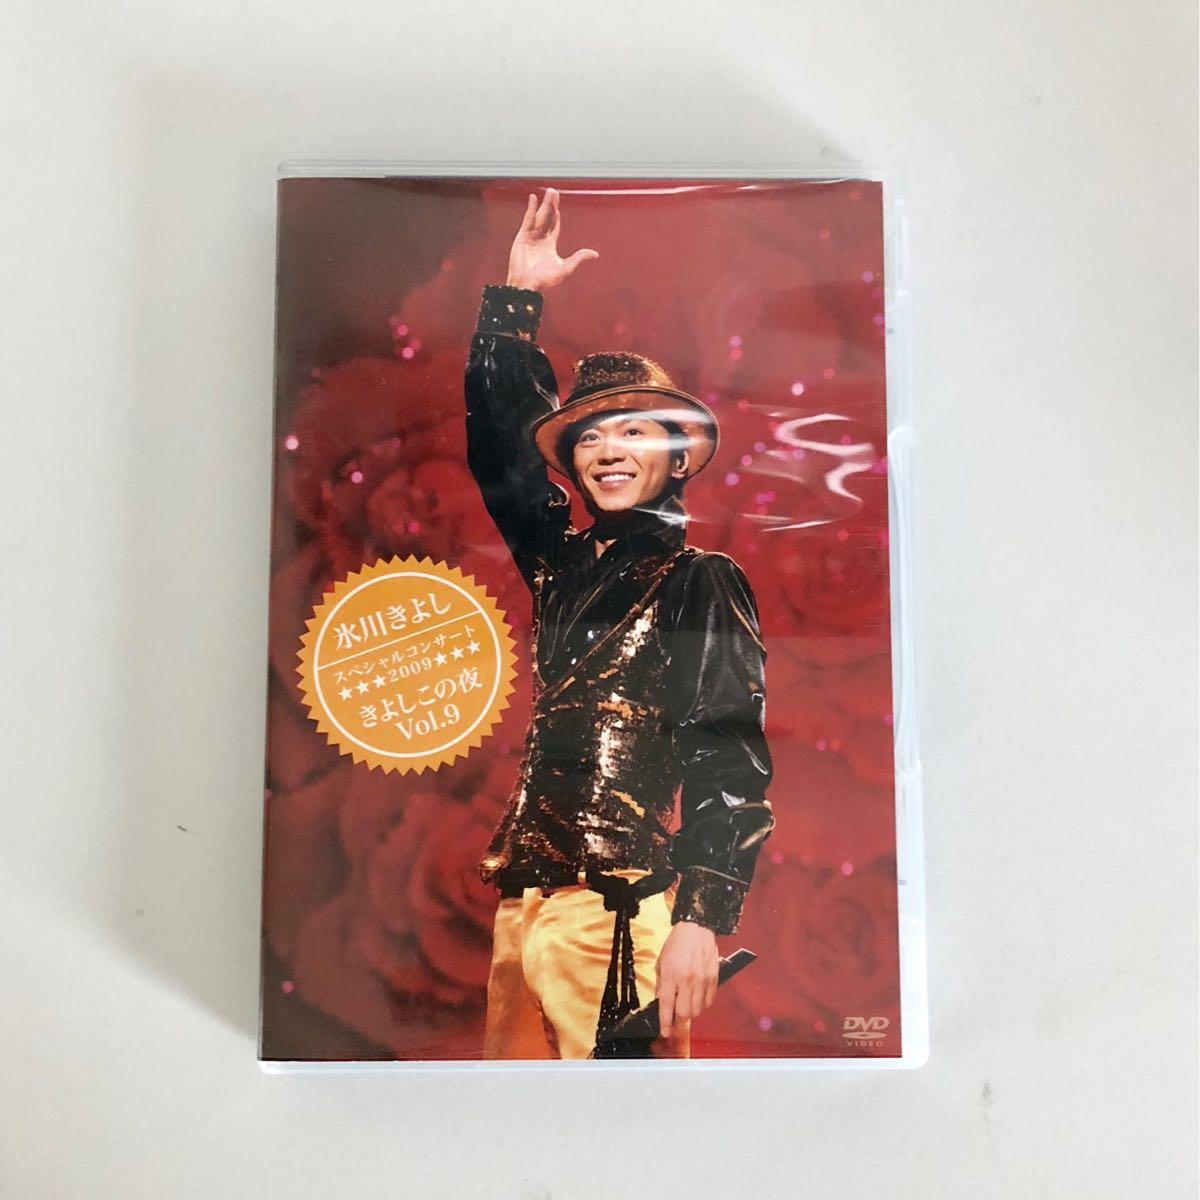 FC限定☆氷川きよし きよしこの夜 Vol.9 スペシャルコンサート2009 DVD 特典映像あり